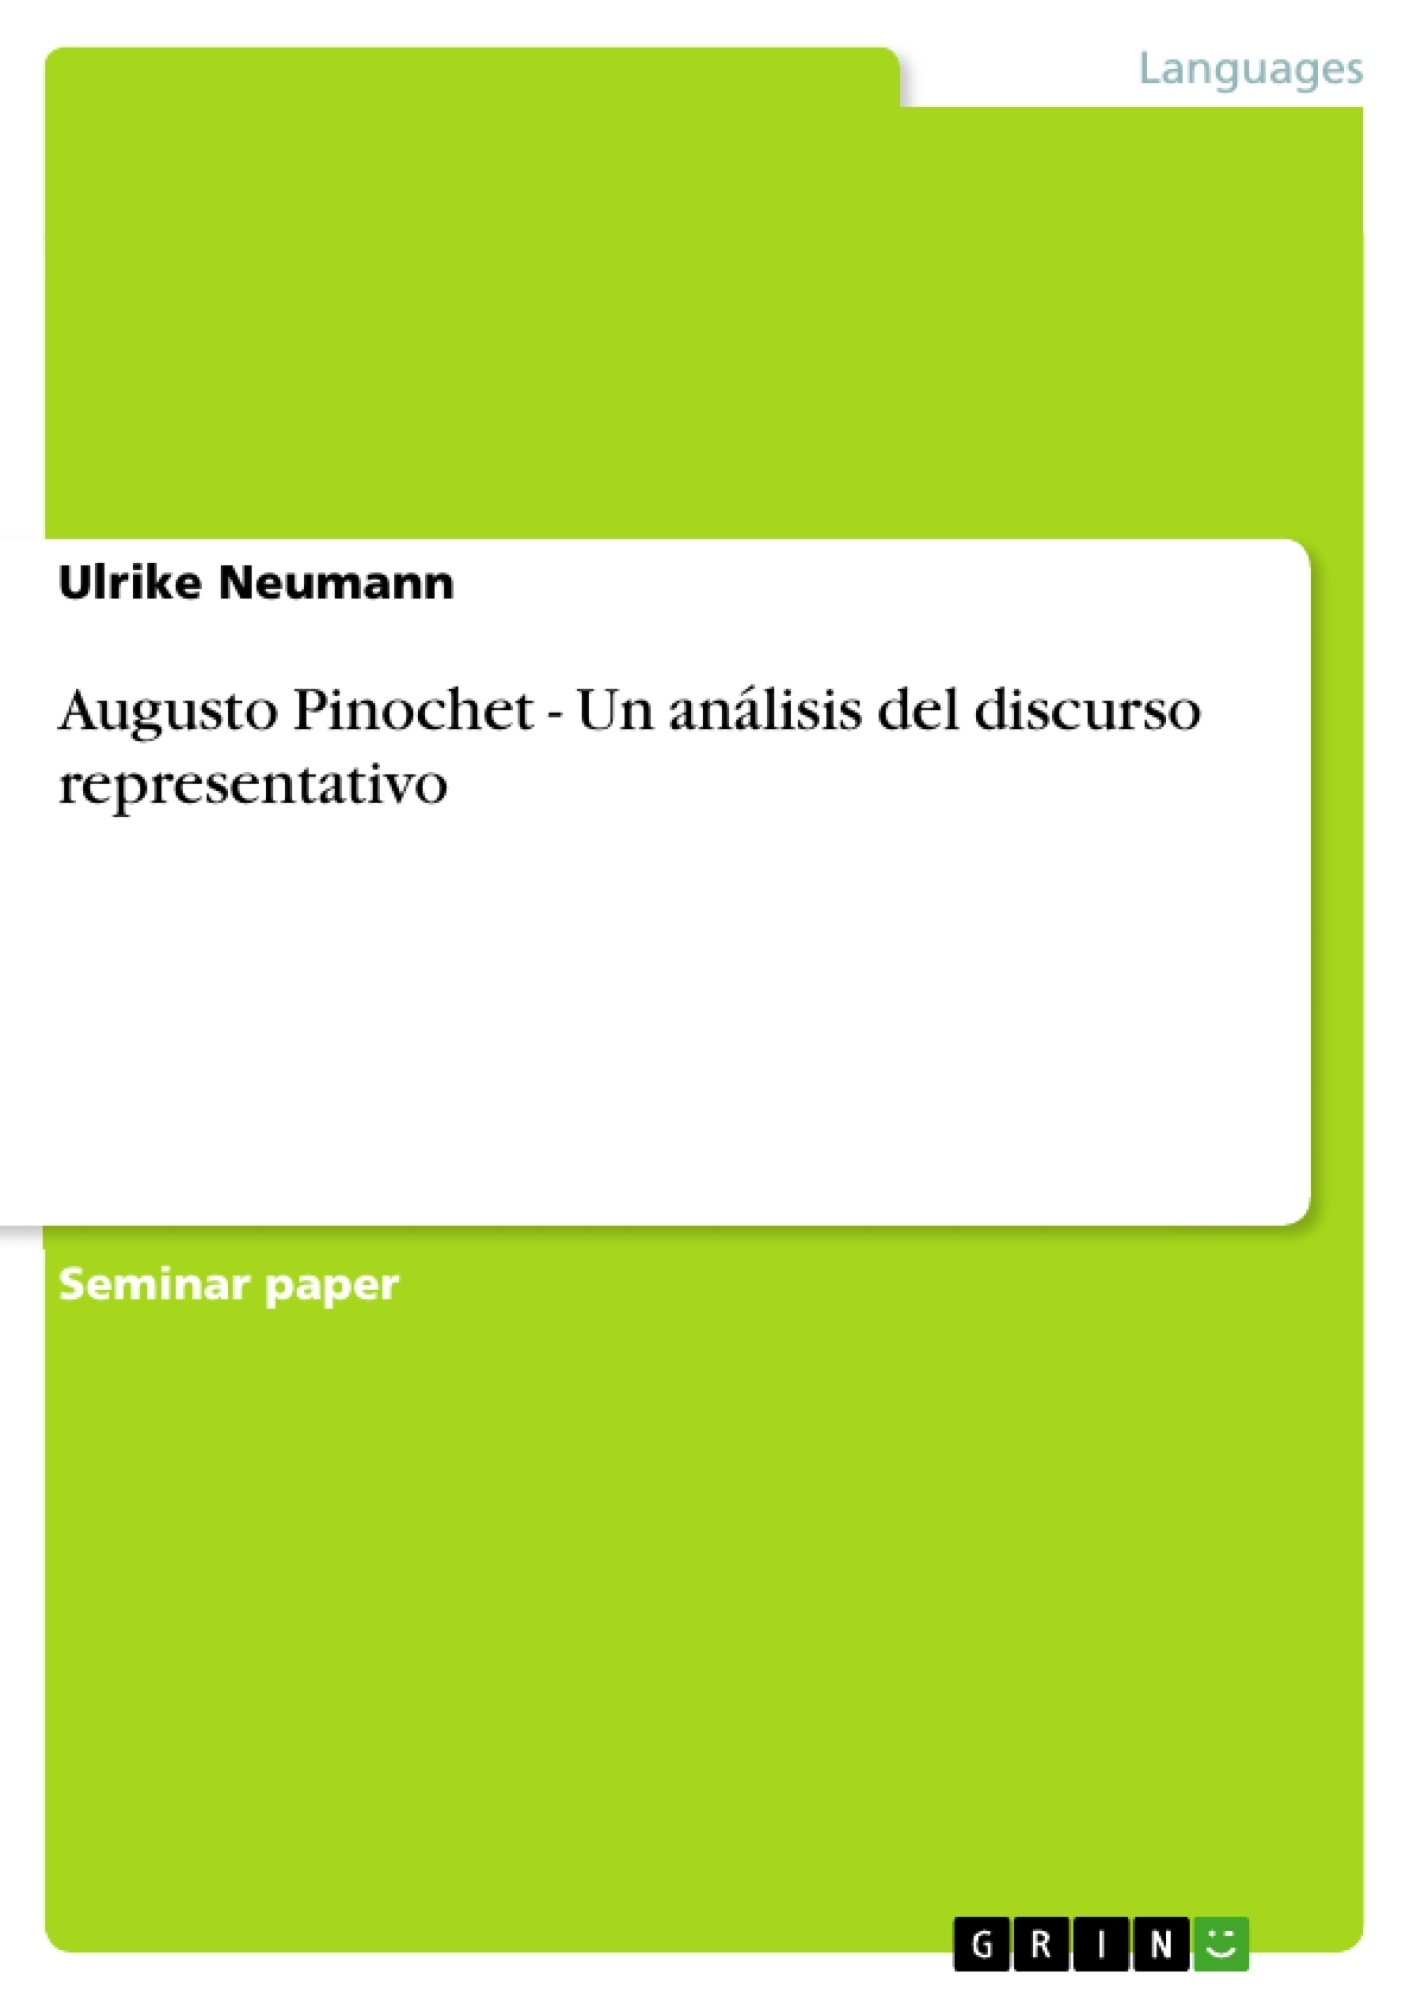 Título: Augusto Pinochet - Un análisis del discurso representativo